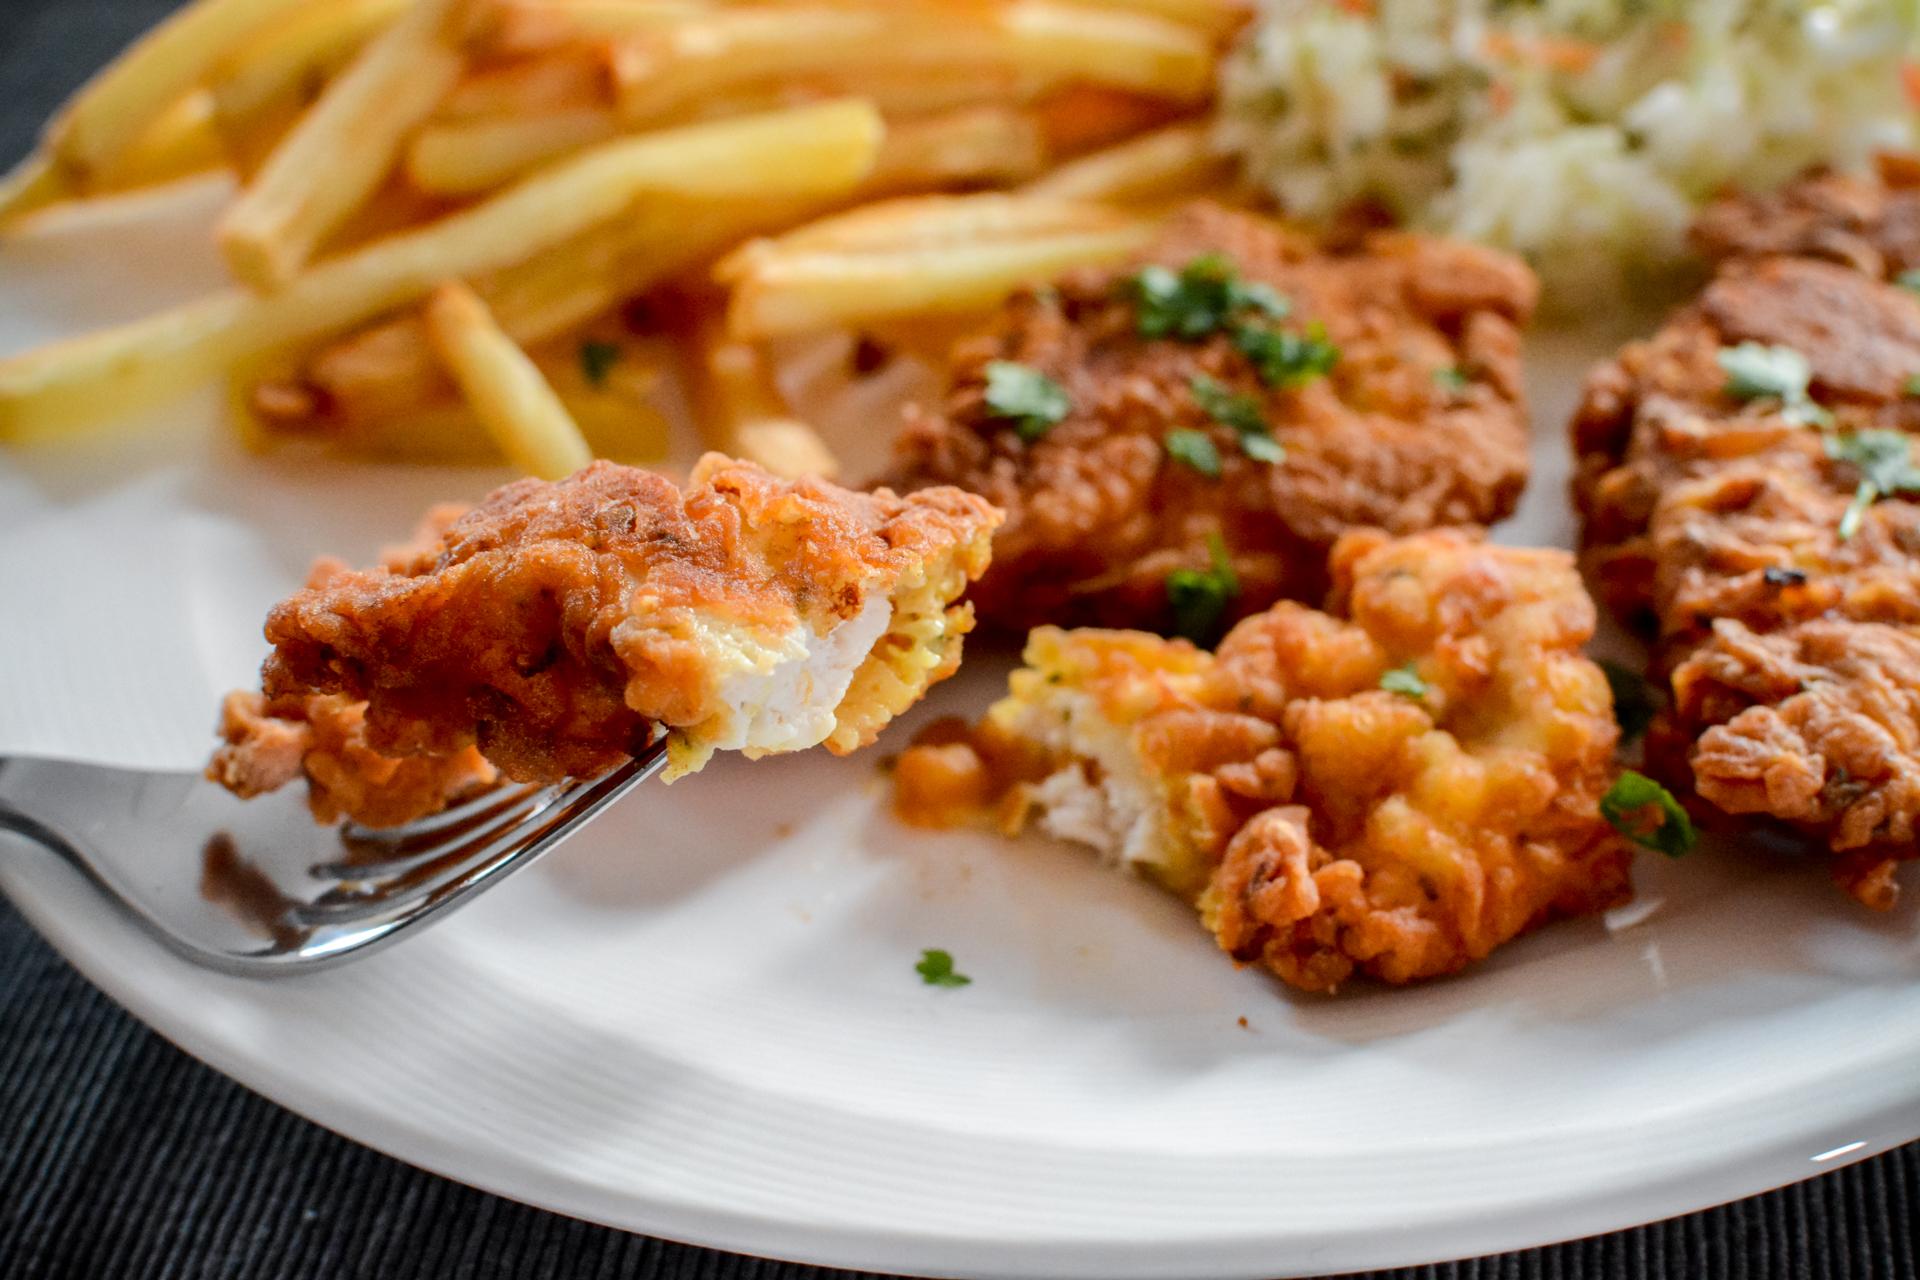 Pierś z kurczaka w cieście naleśnikowym 2